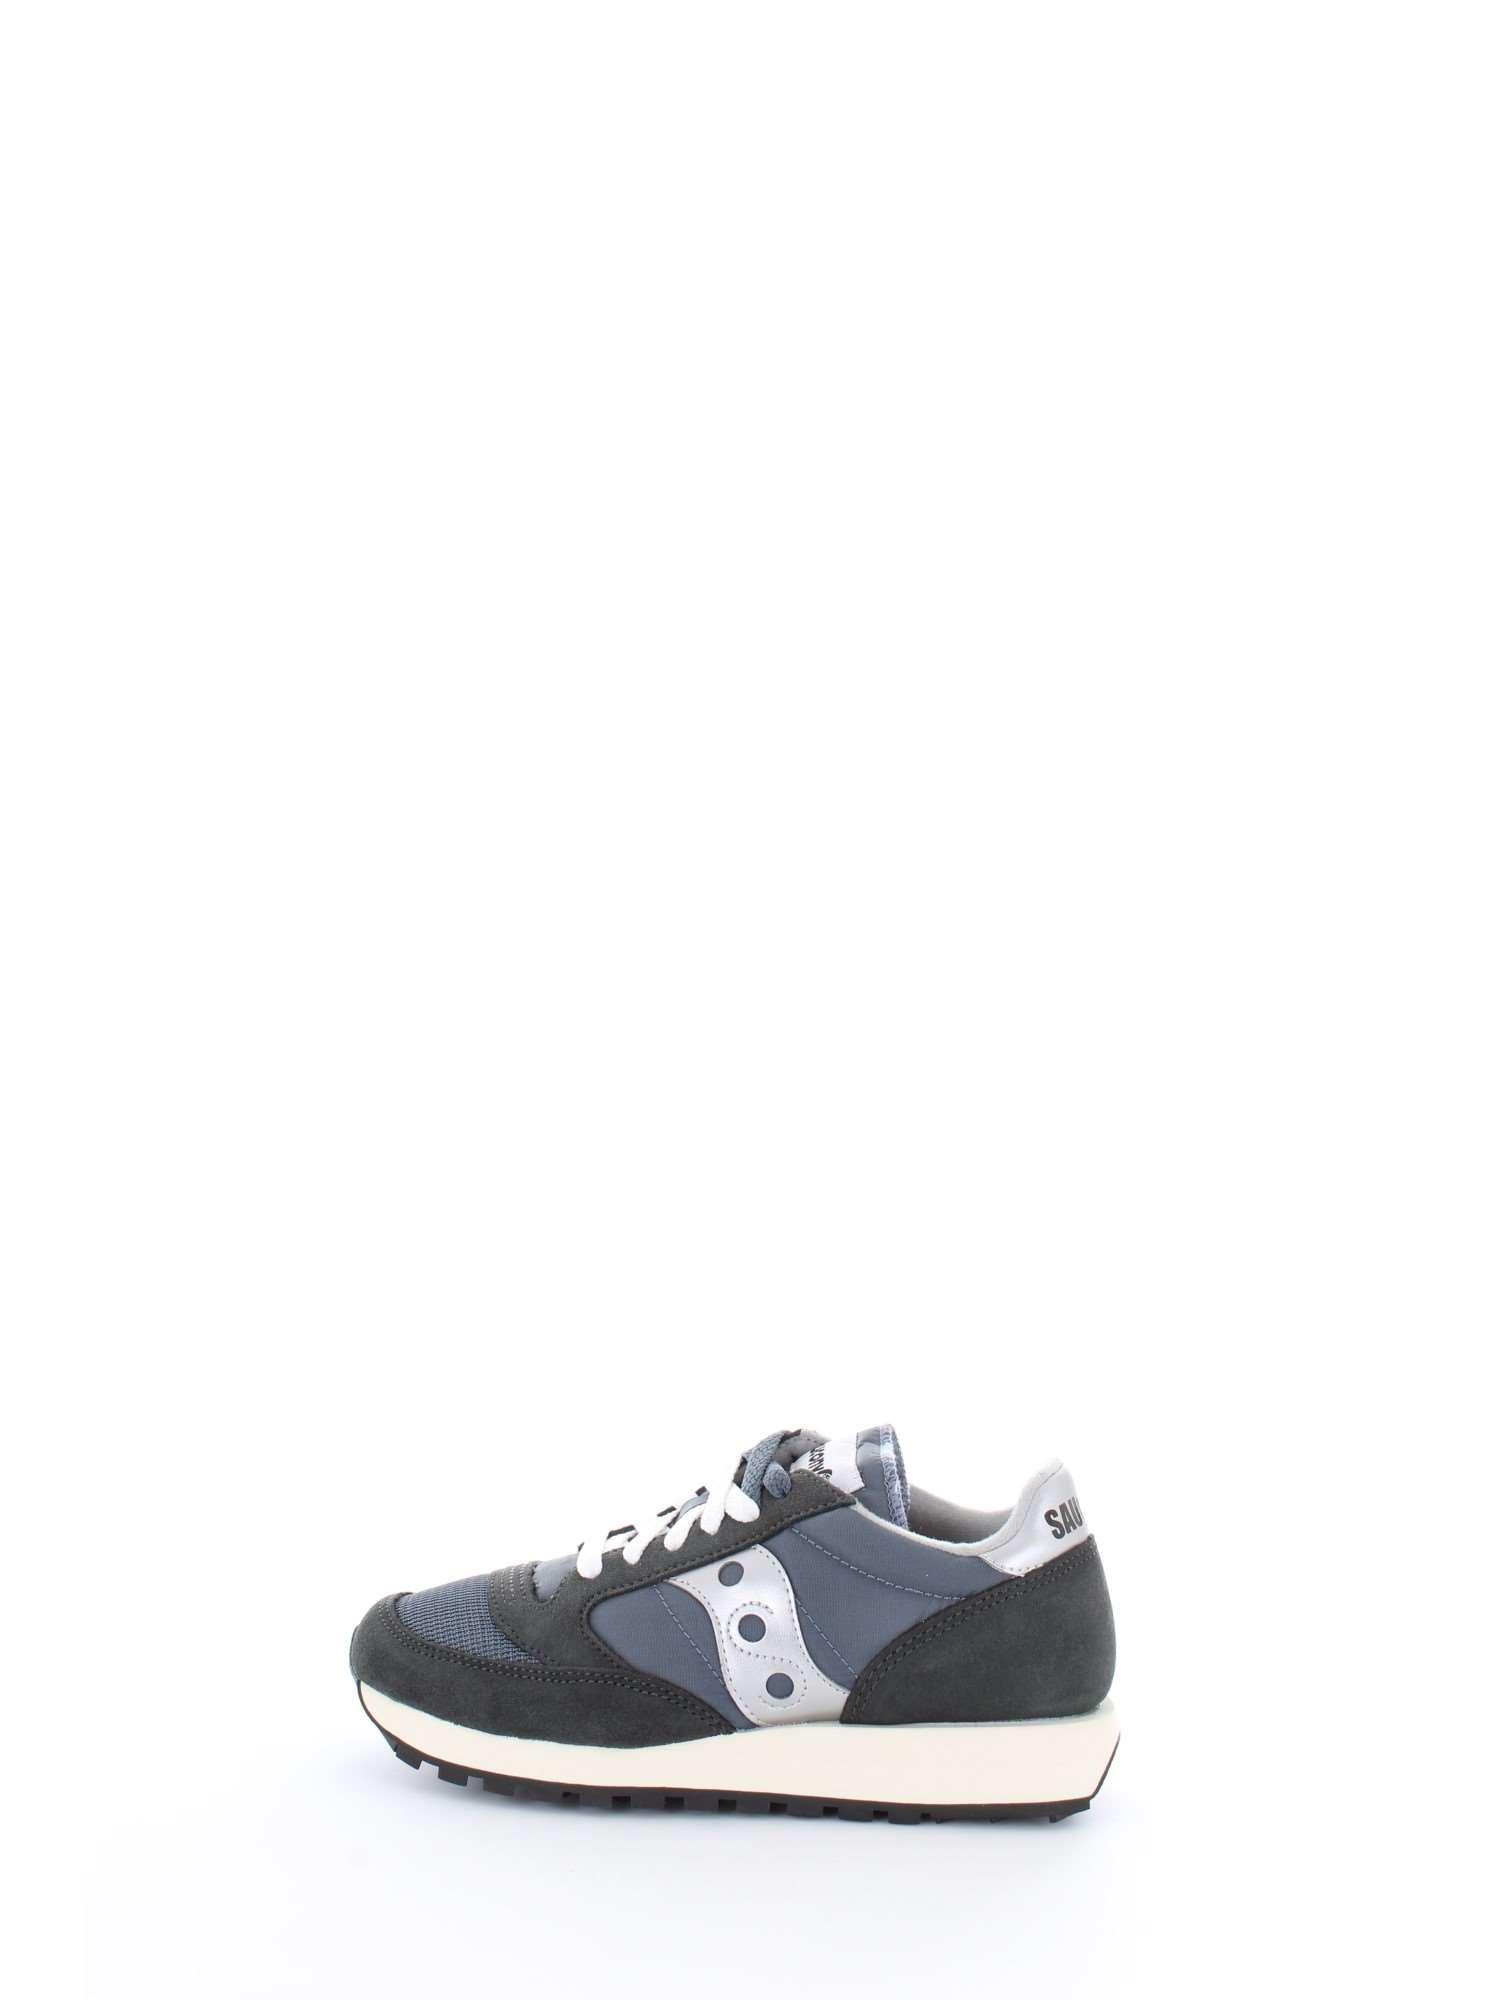 Femme Vintage hiver 04 Automne Sneakers Jazz Saucony 70368 q47wOc8